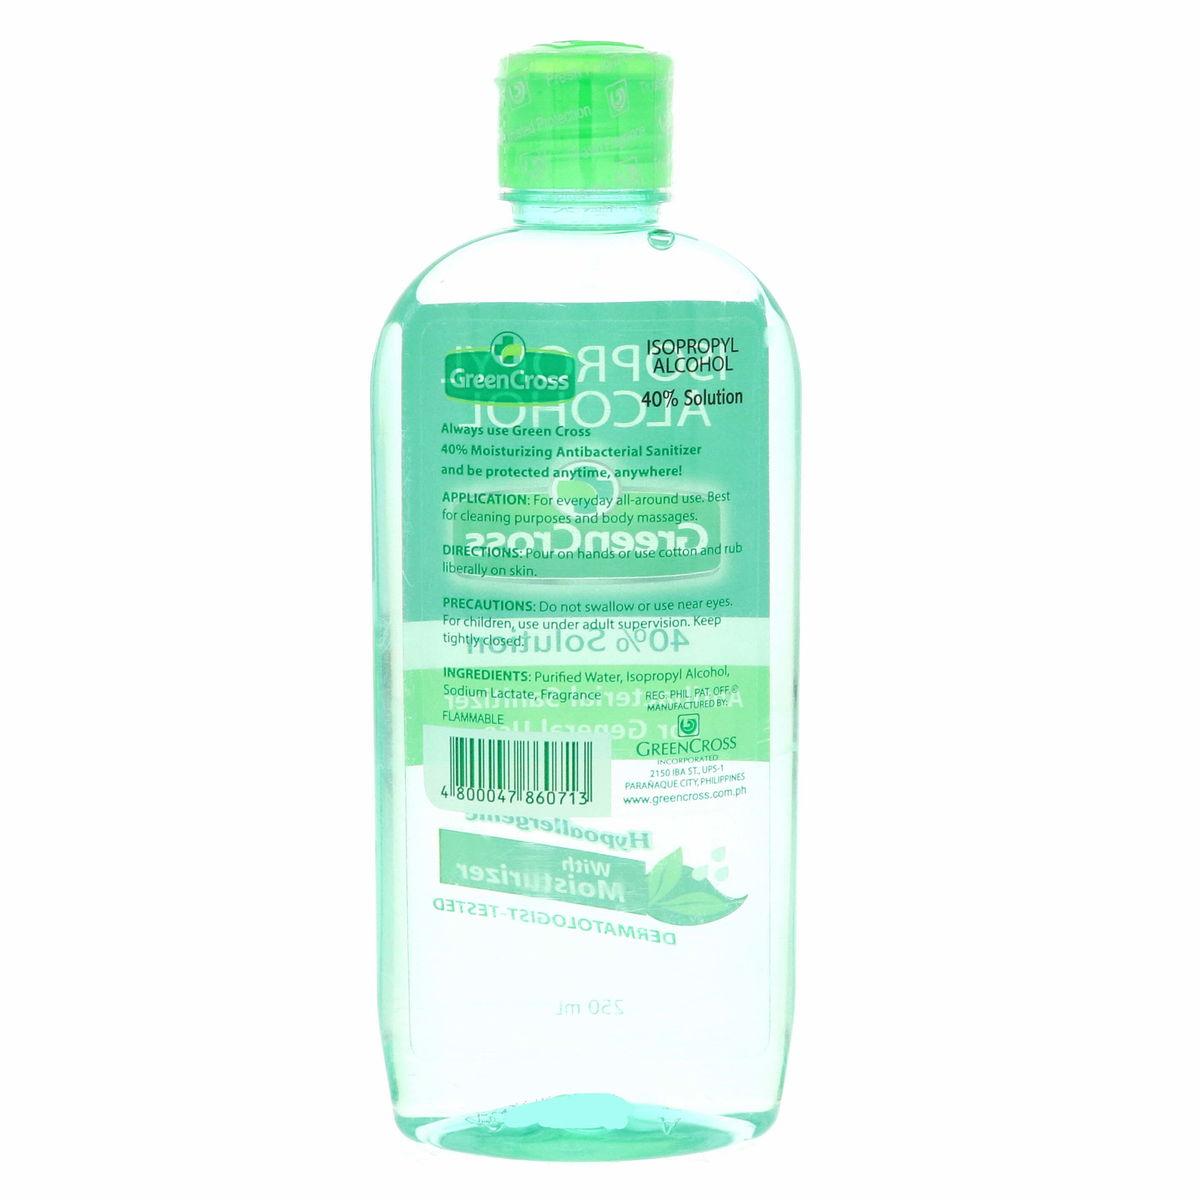 Green Cross Total Defense Antibacterial 5 In 1 Liquid Sanitizer